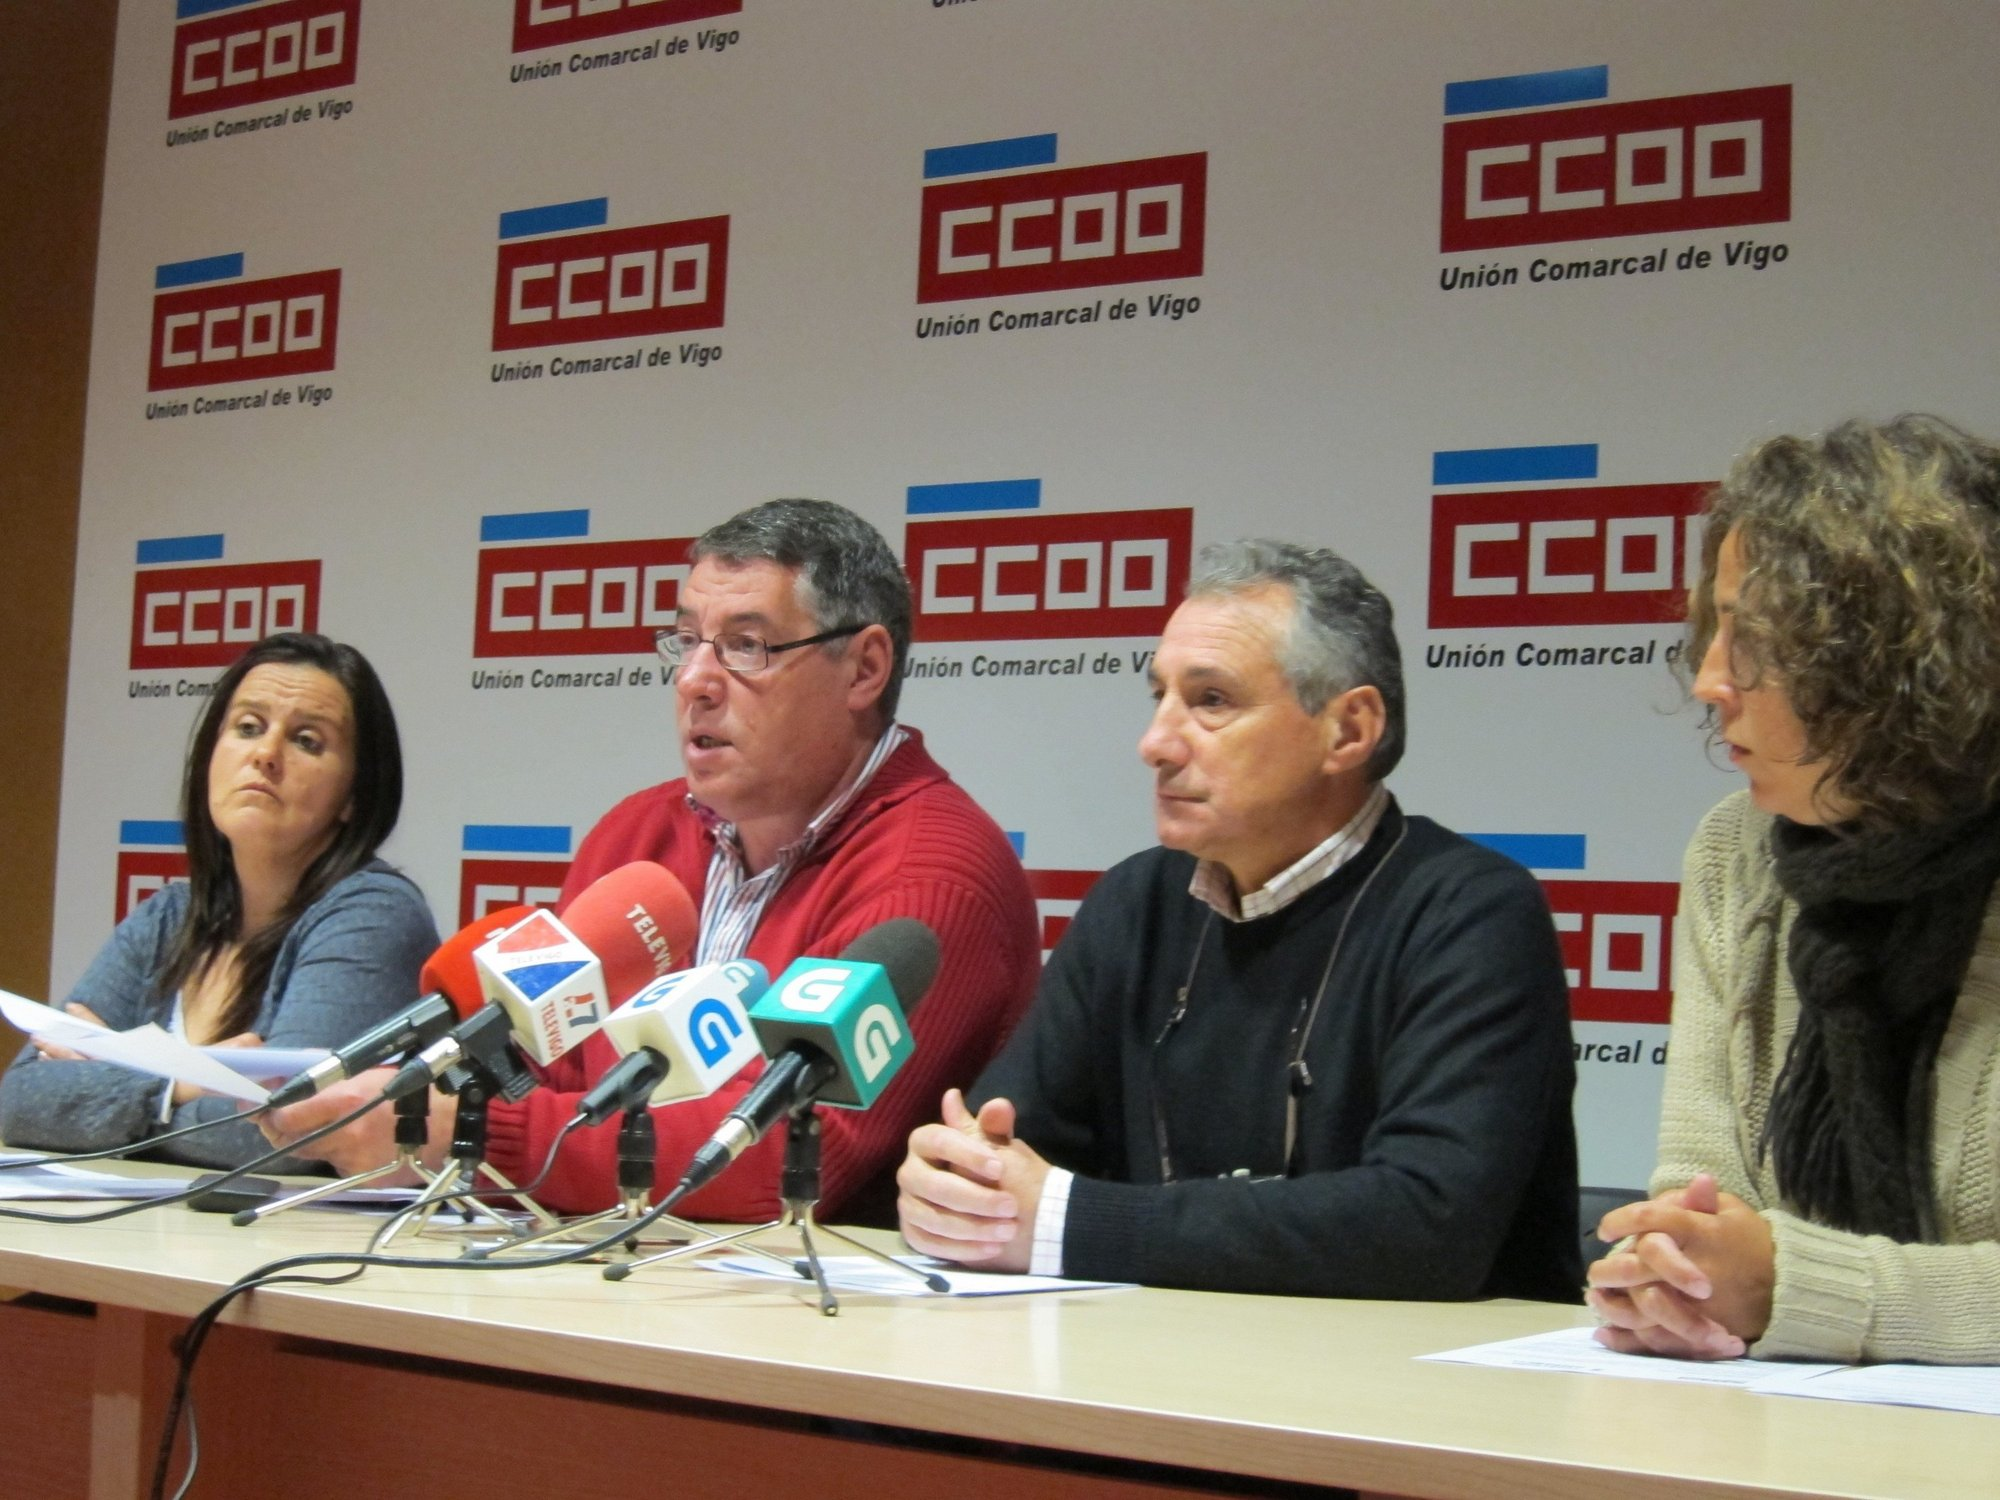 CC.OO. denuncia los incidentes y asegura que mantendrá el contencioso contra las oposiciones del Ayuntamiento de Vigo